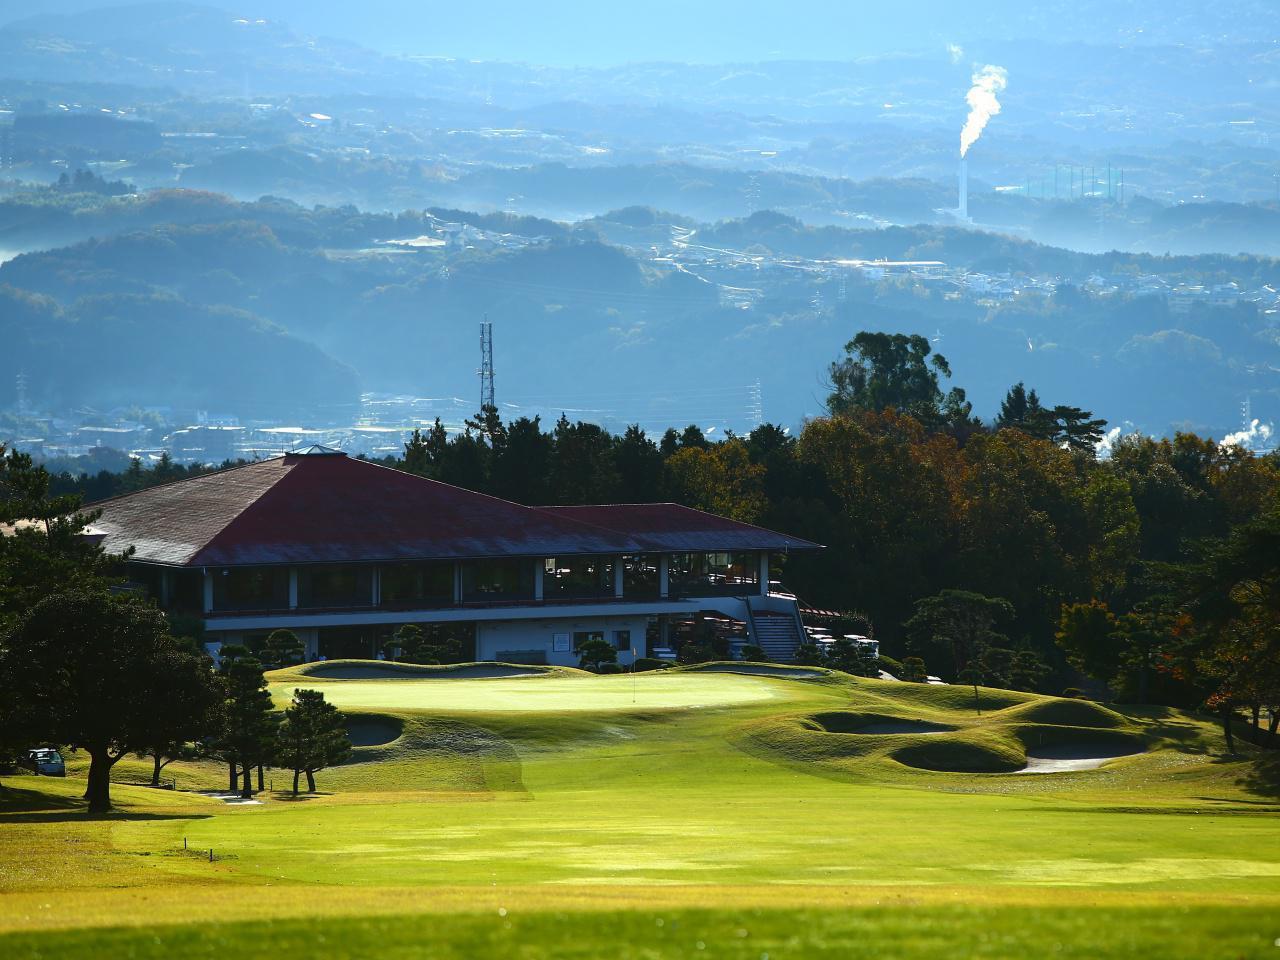 画像: 【ゴルフ会員権購入/その後のメンバーライフは?】東名カントリークラブ入会1年。ルーキーメンバーに聞きました - ゴルフへ行こうWEB by ゴルフダイジェスト